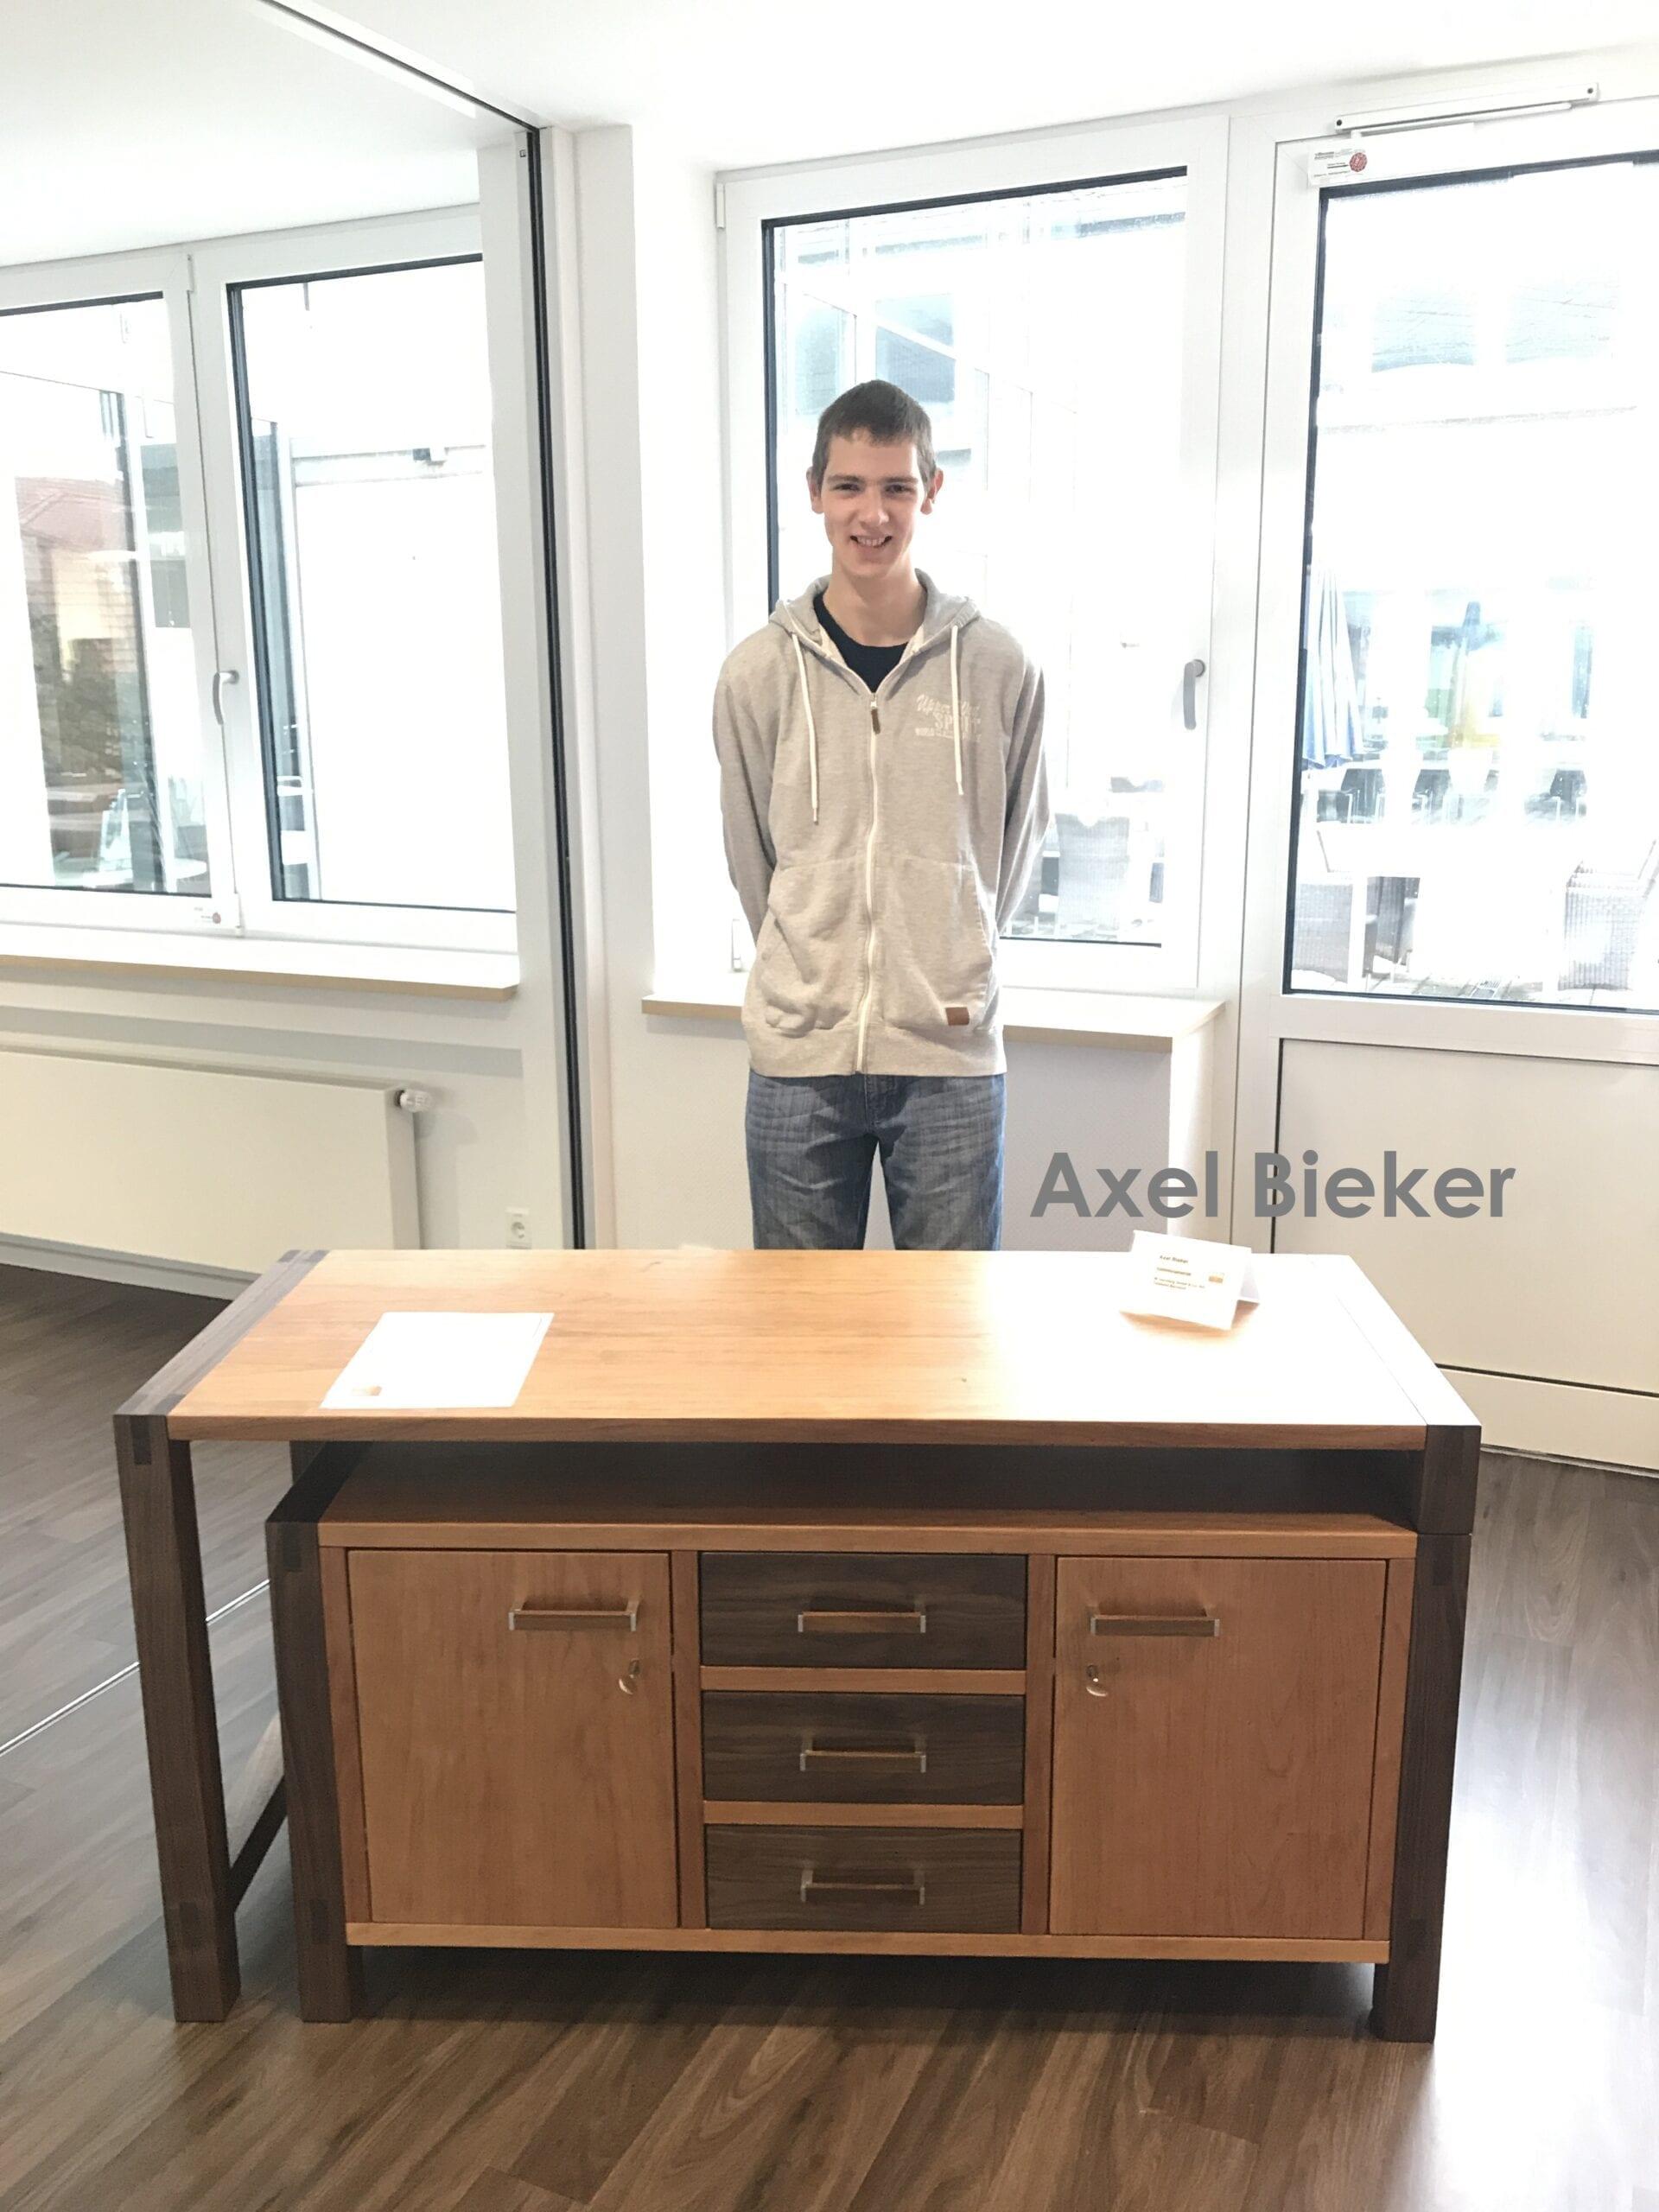 isenberg Axel Bieker 2017